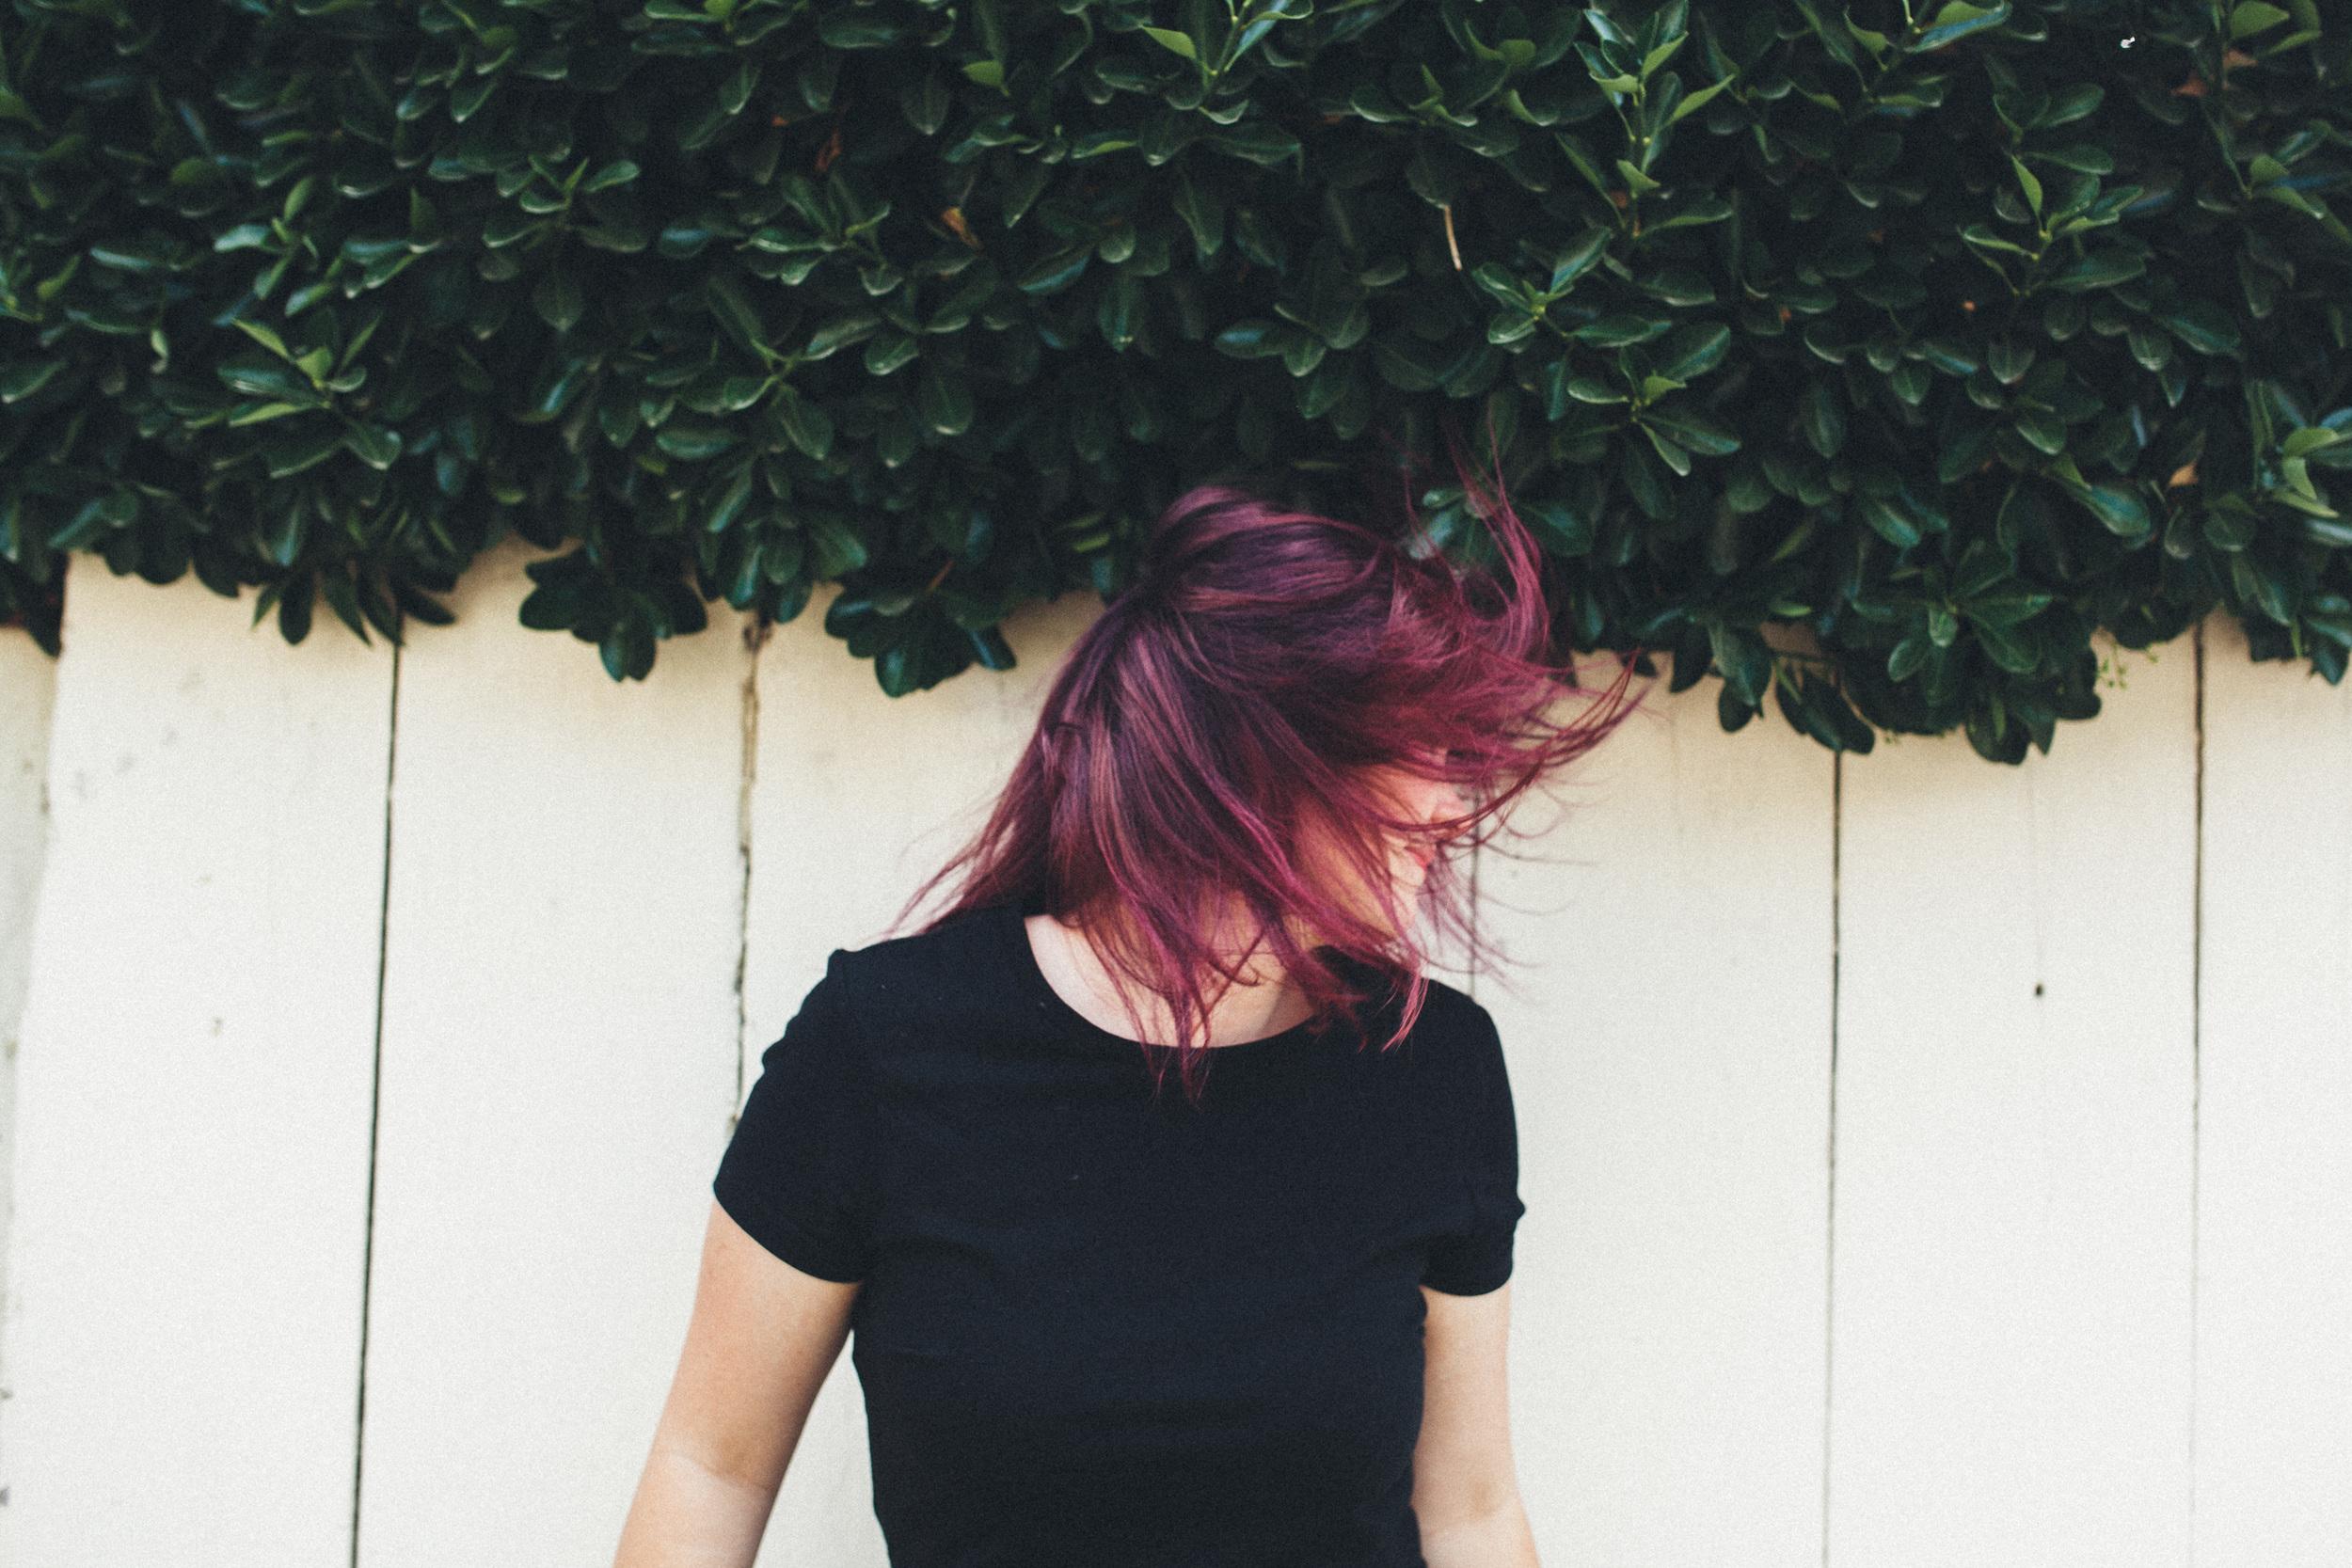 emily-patton-purple-hair-2286.jpg